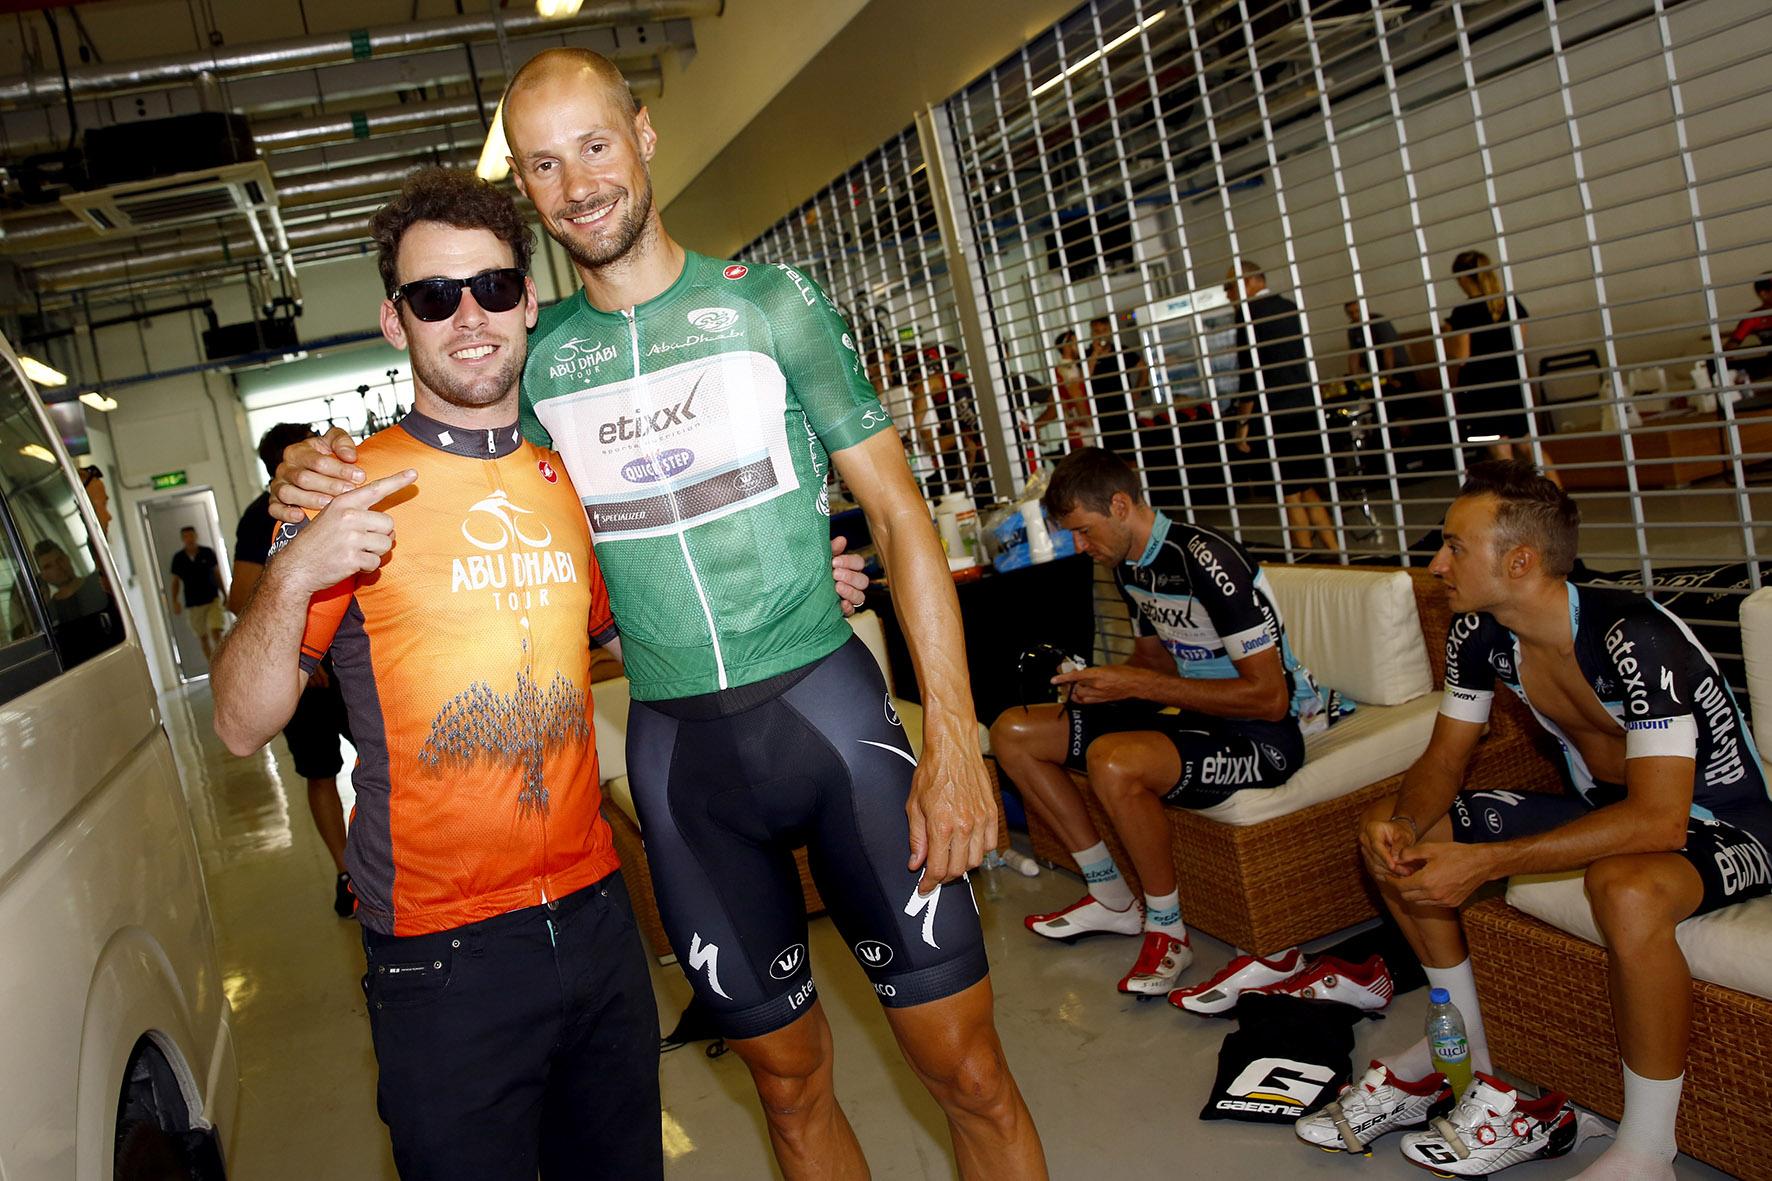 Boonen itt még mosolyog Cavendish társaságában, azóta be van kötve az arca... (Fotó: Luca Bettini/RCS Sport)